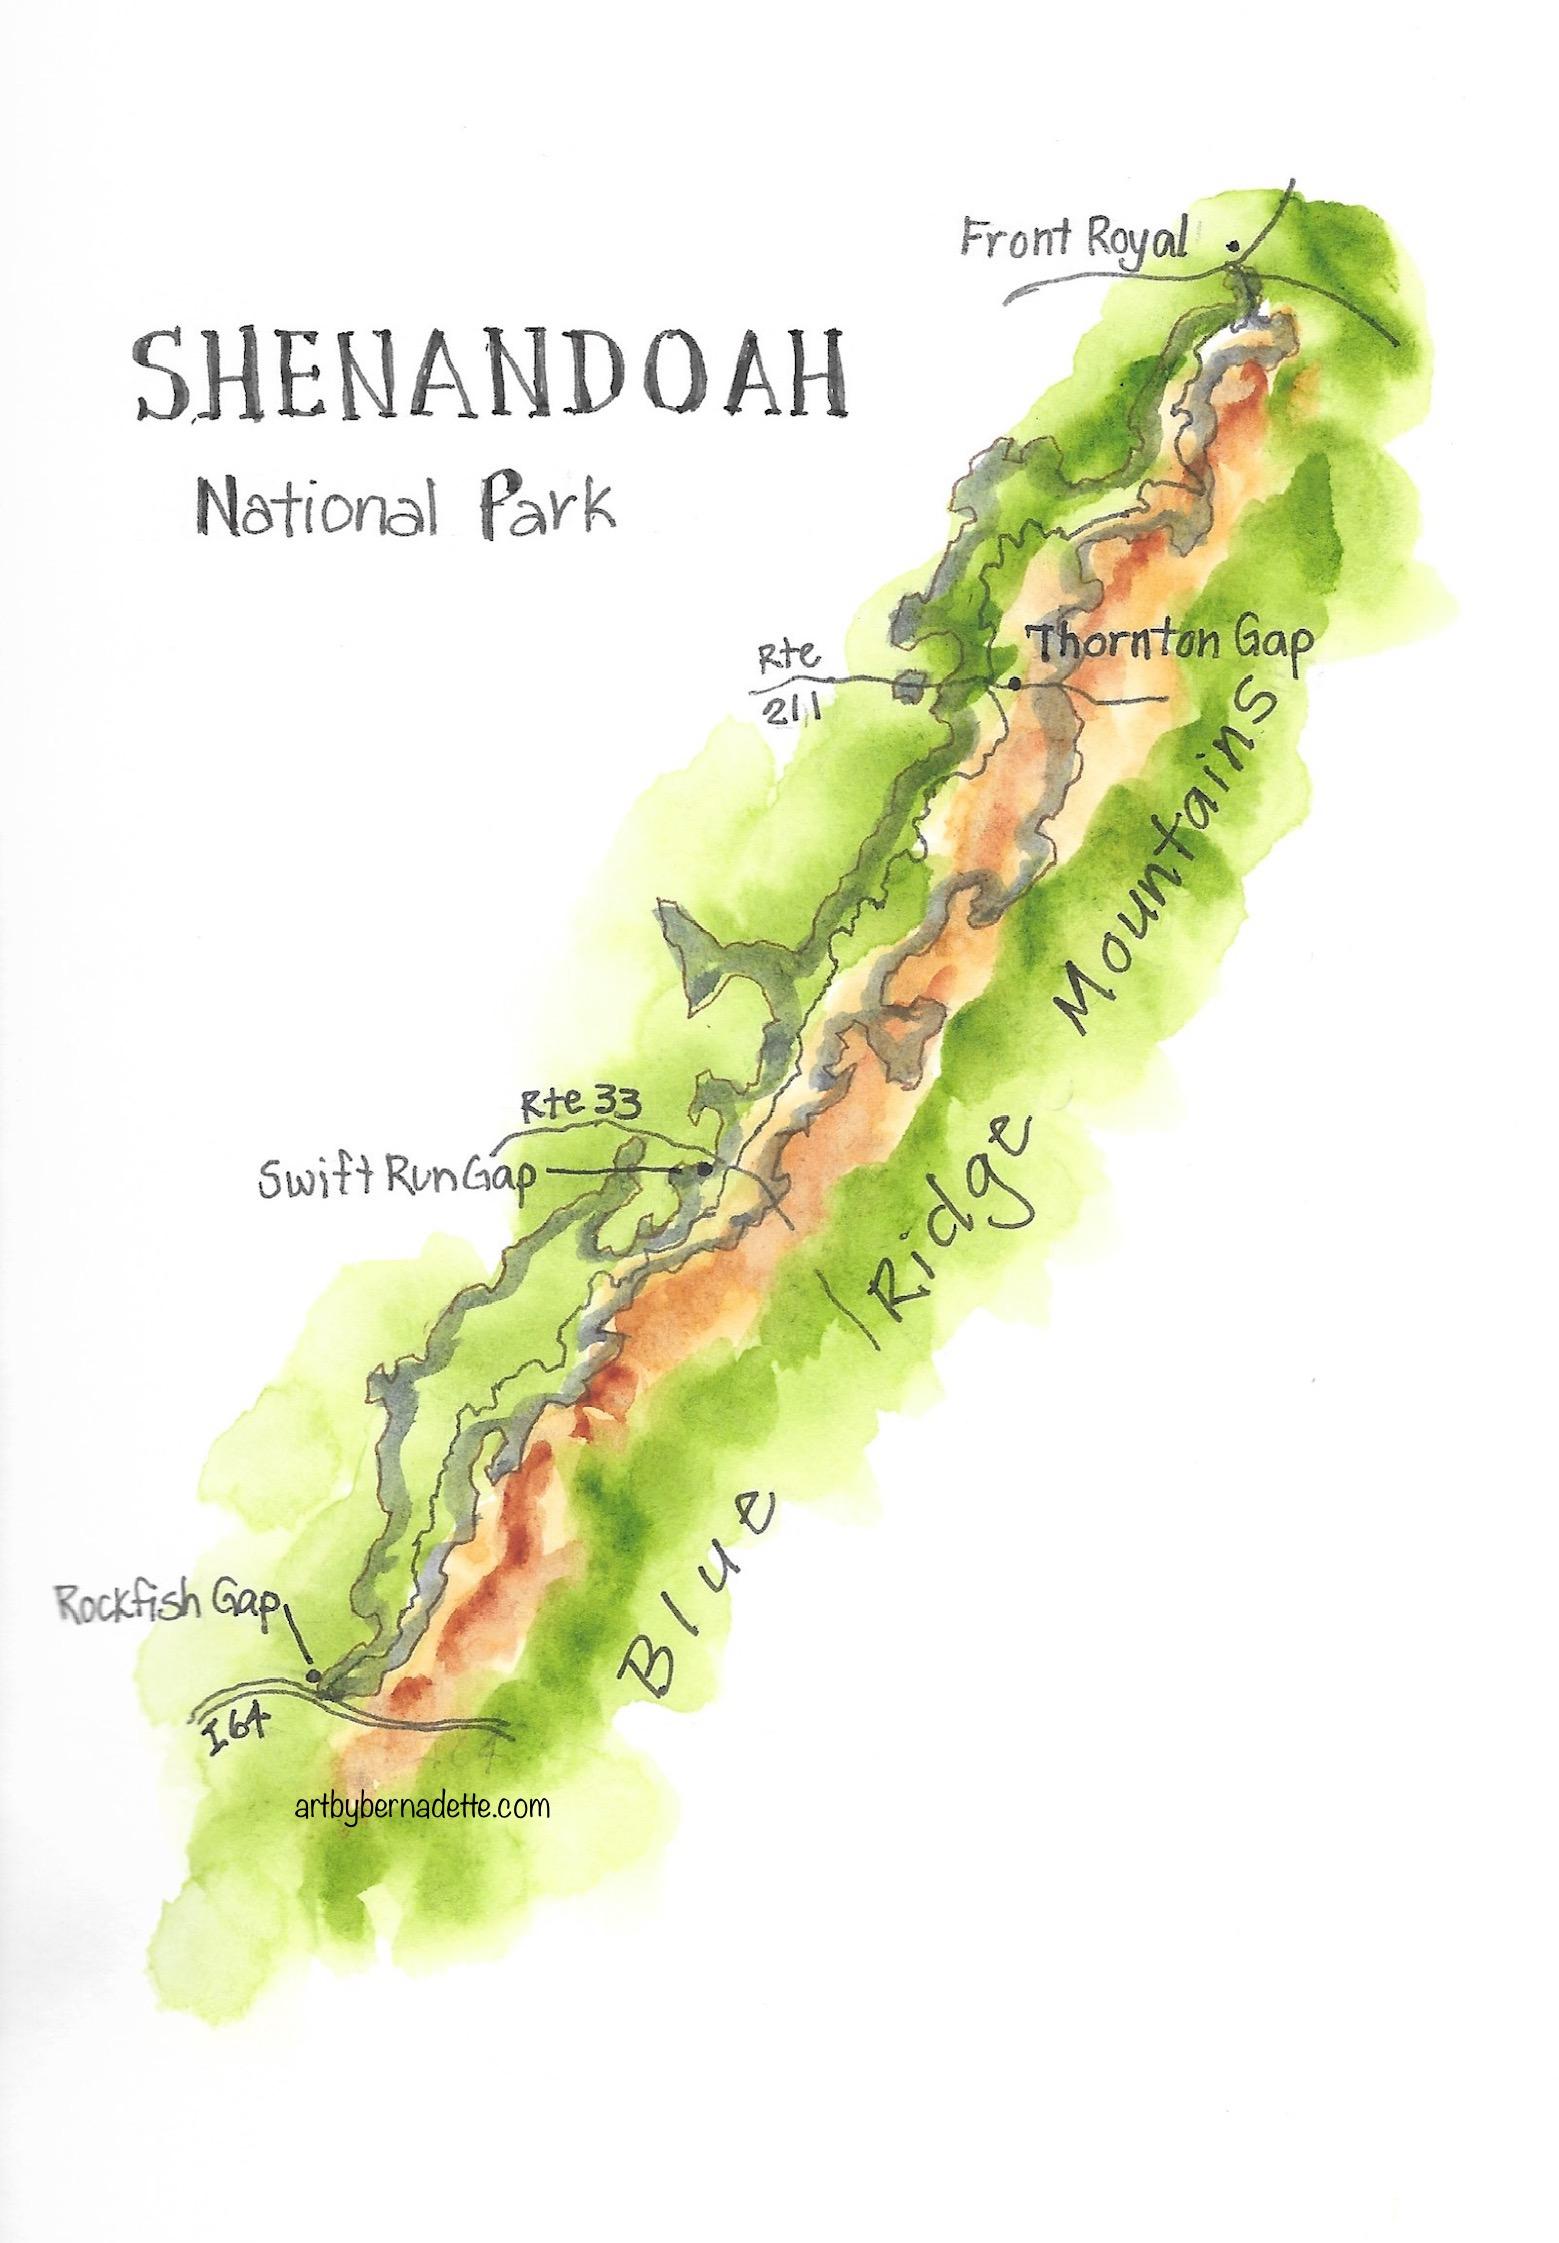 Shenandoah Park map